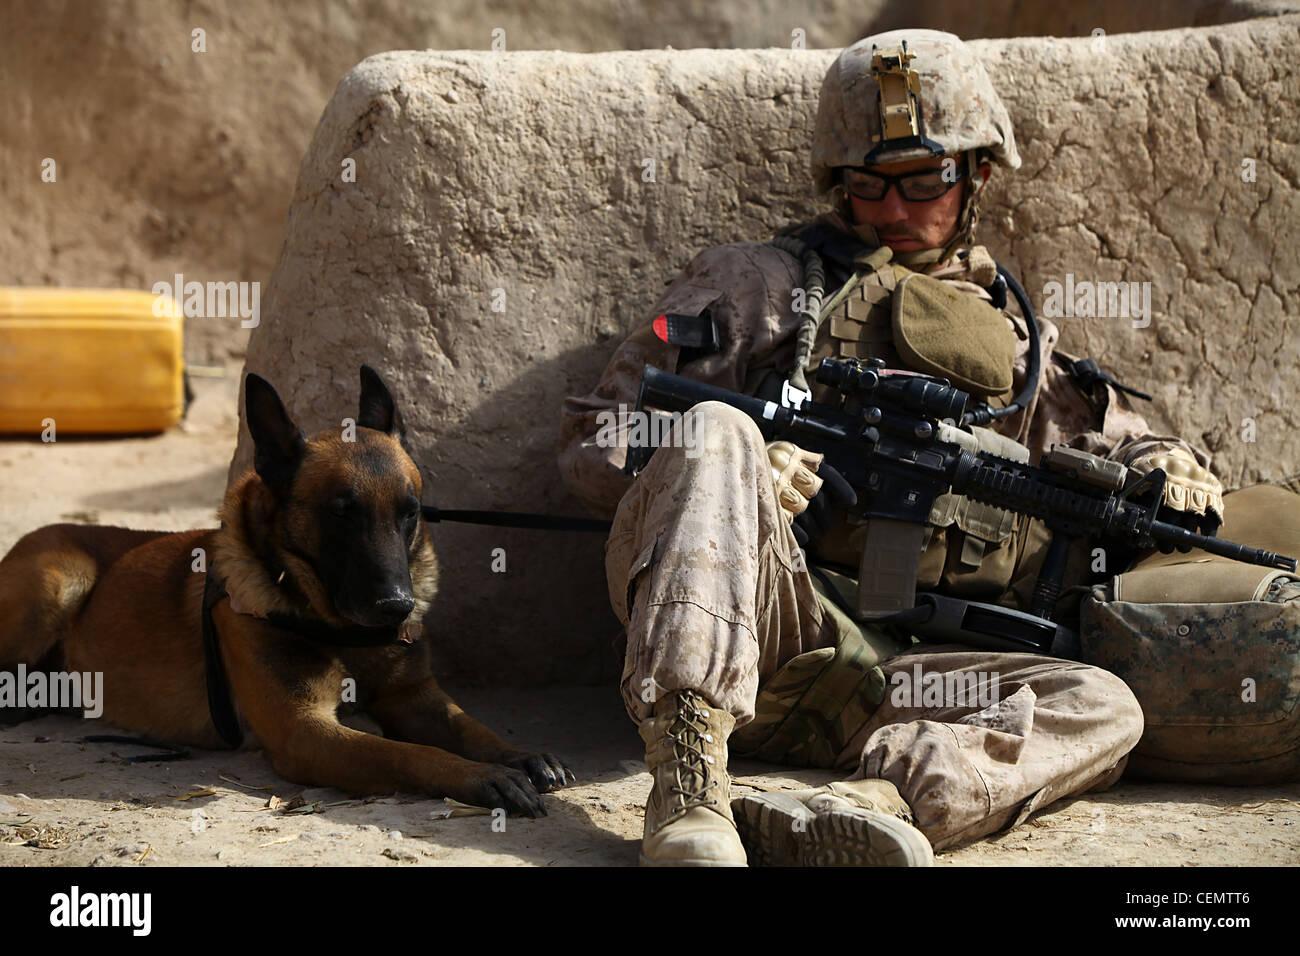 Le caporal derrick Magee, 21 ans, conducteur de chien avec 2e bataillon, 4e marines, de Vineland, N.J. et son chien, Photo Stock